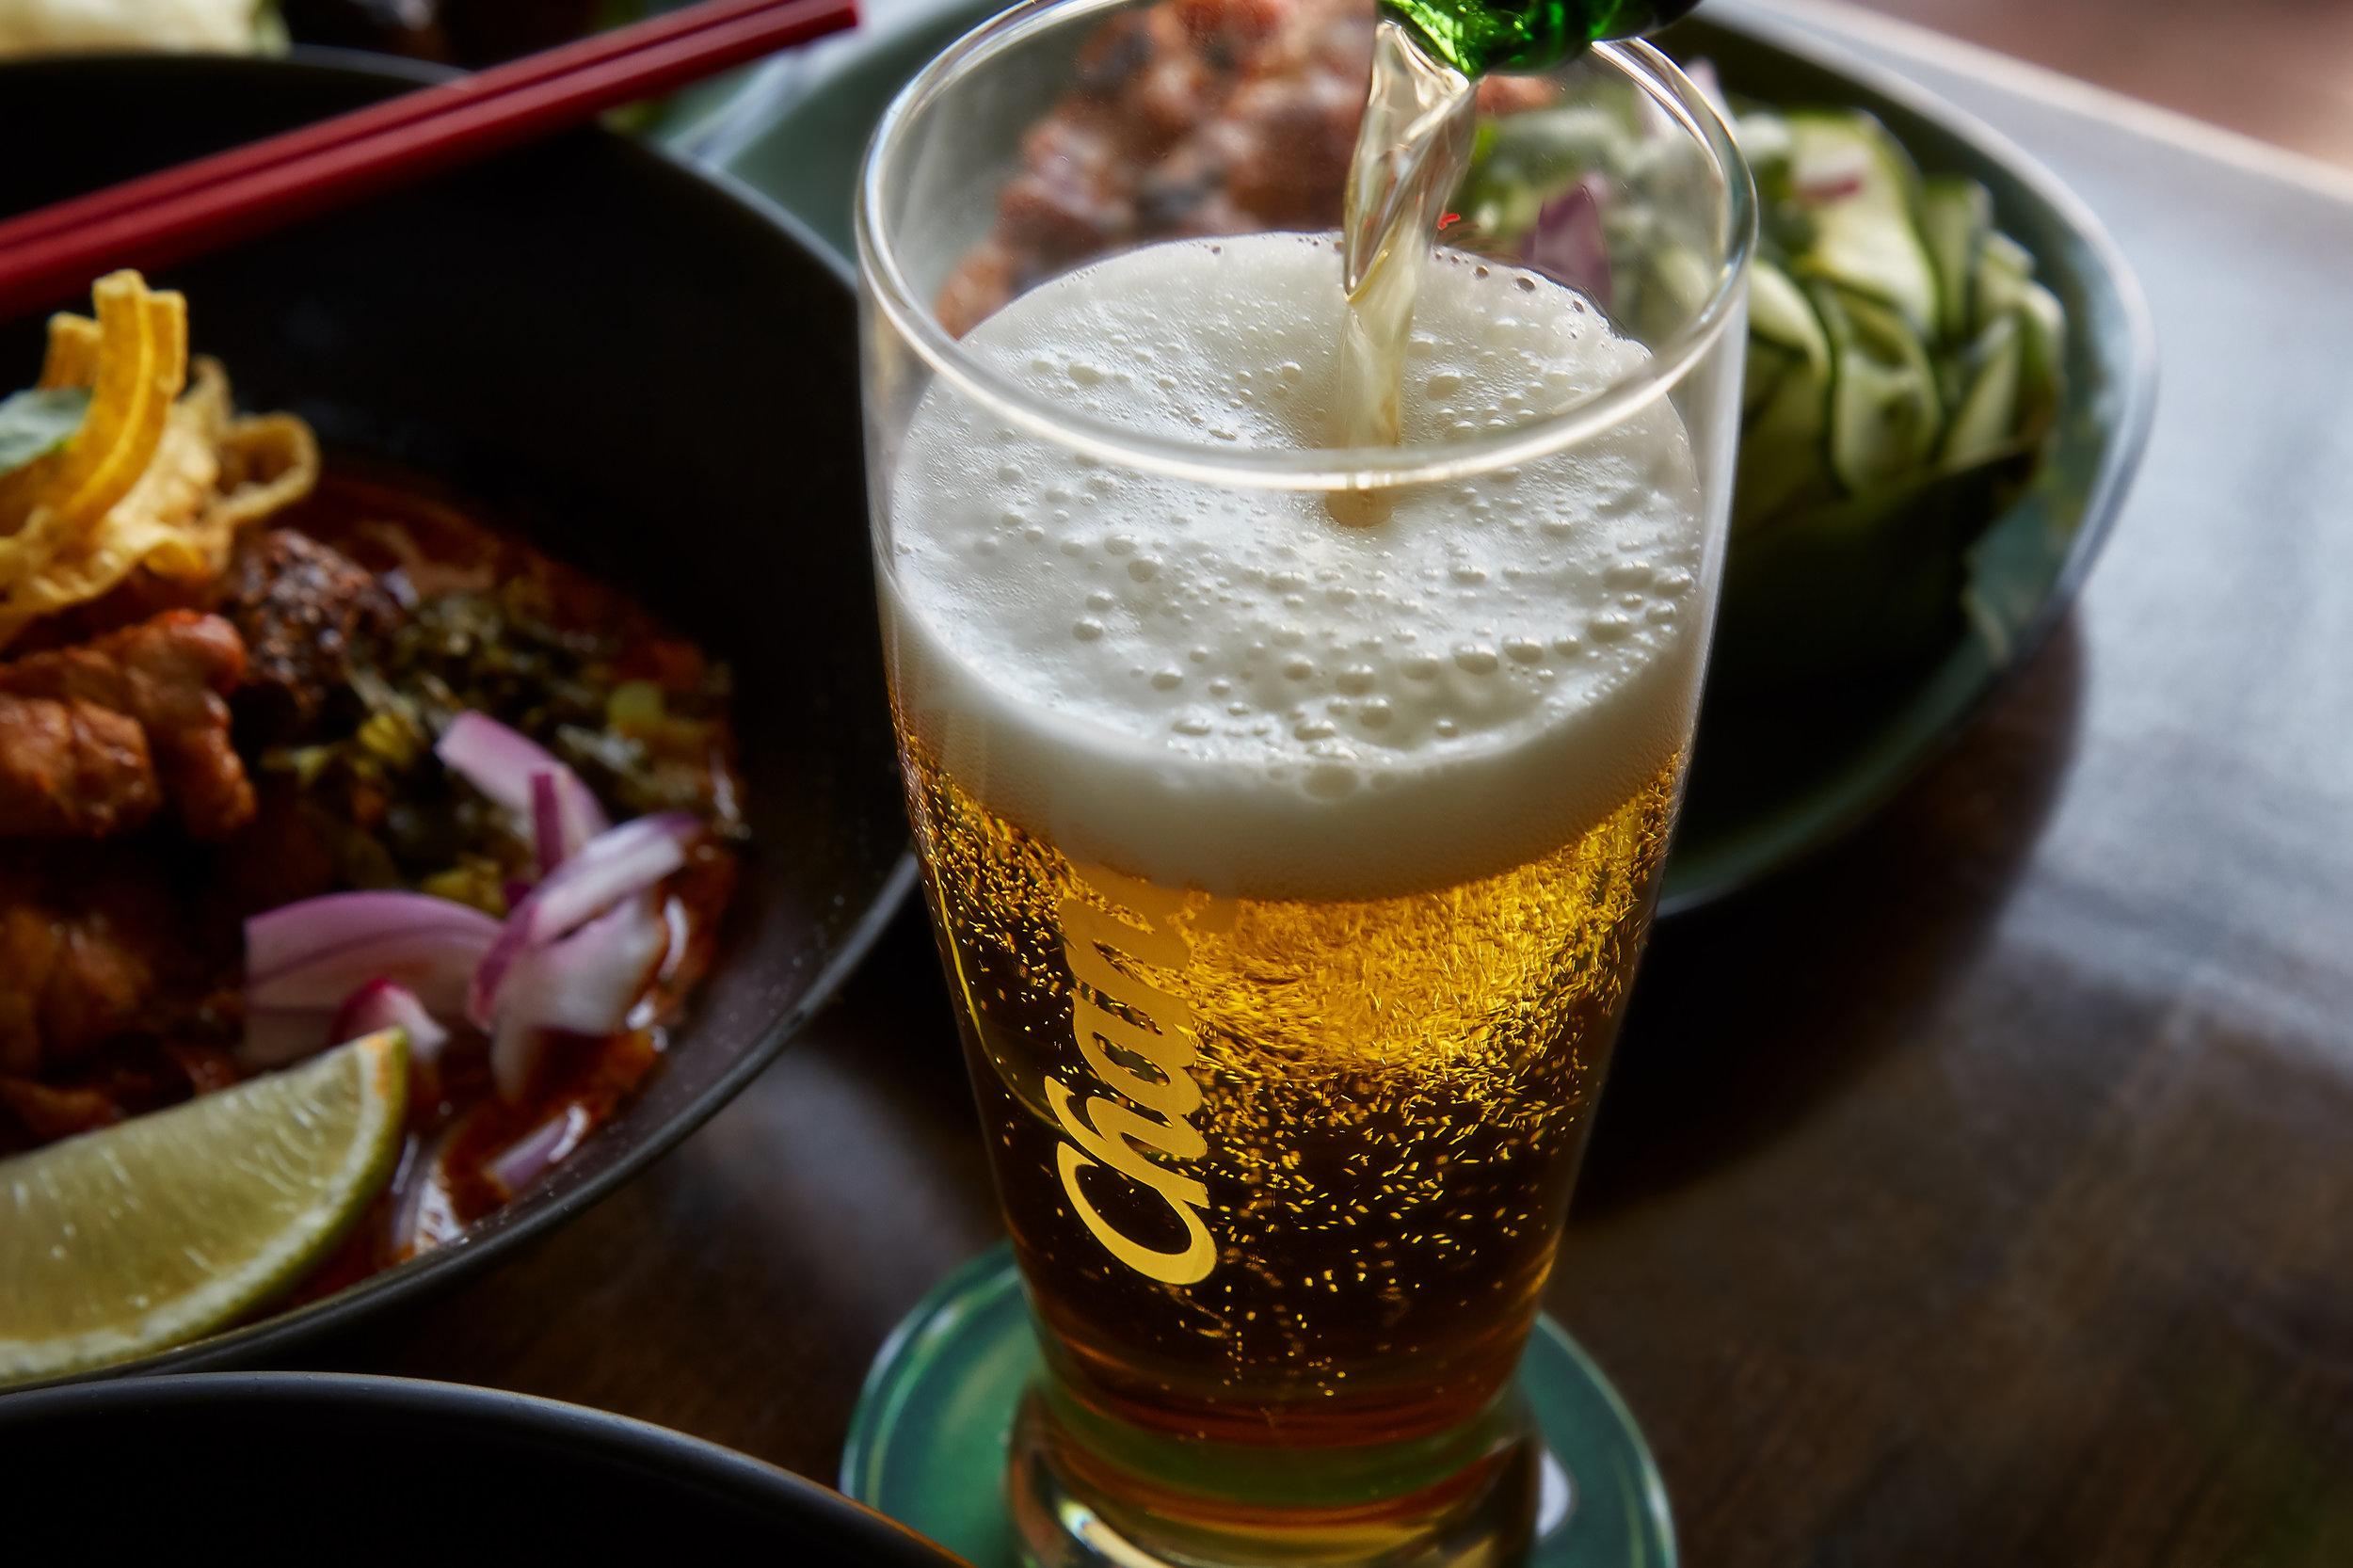 Chadaka-Thai-Chang-Beer_16-08-26_13-13-56_IMG_9798_RyanTanaka2016.jpg